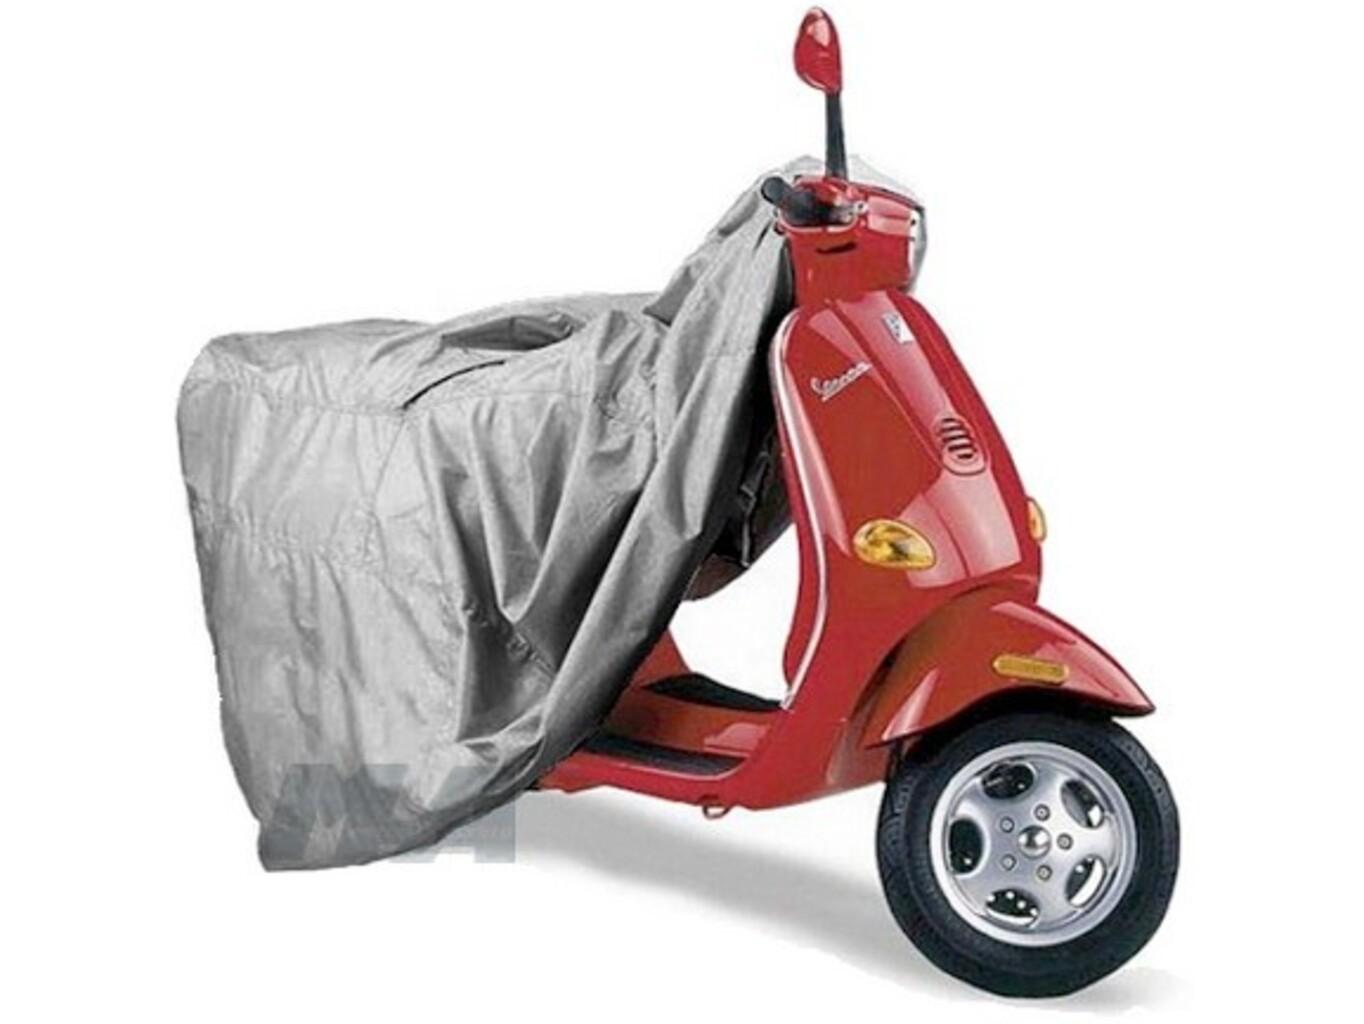 Ochranná plachta na kolo nebo motorku 200 x 100 cm